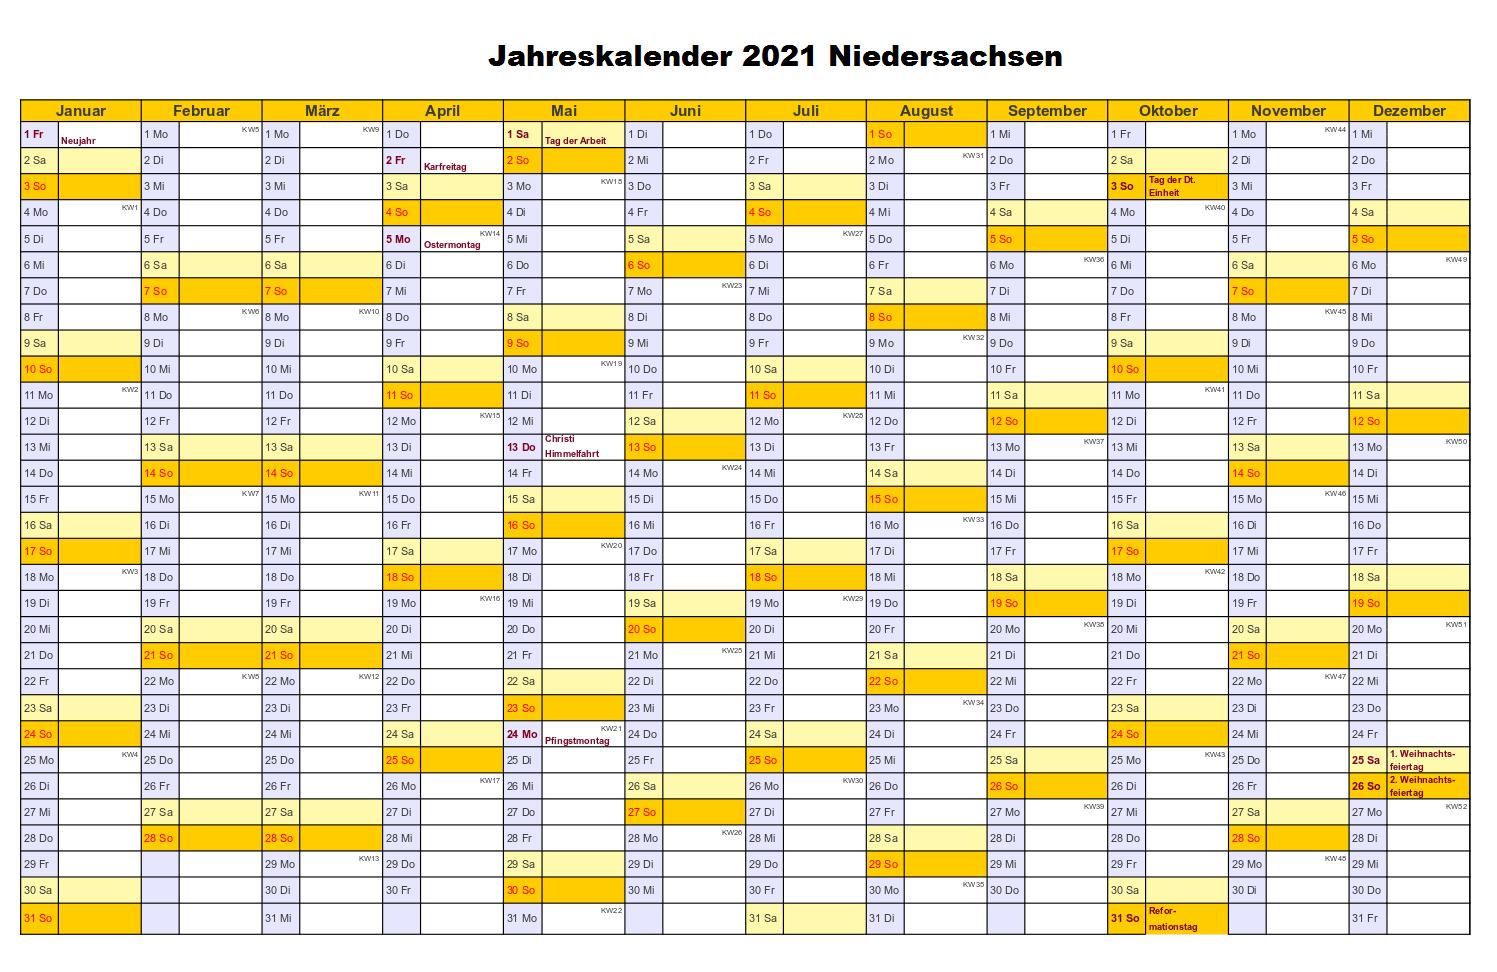 Kostenlos Druckbar Jahreskalender 2021 Niedersachsen-Kalender 2021 Planer Zum Ausdrucken